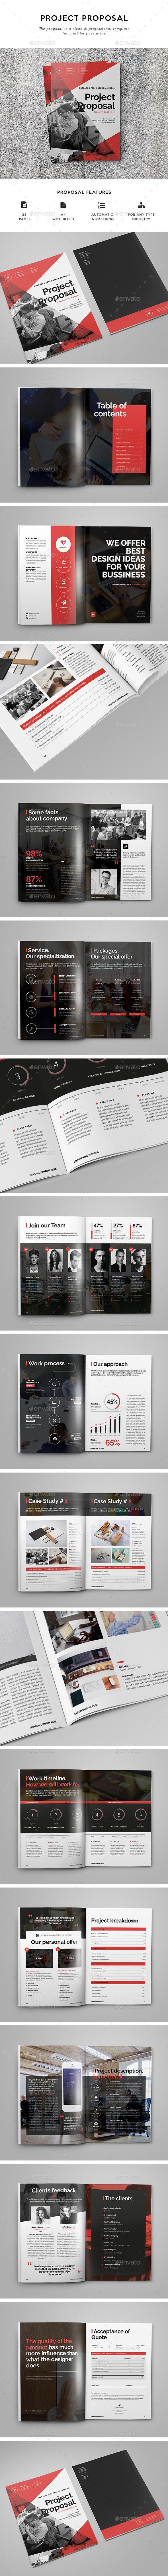 Proposal | Publicitaria y Catálogo